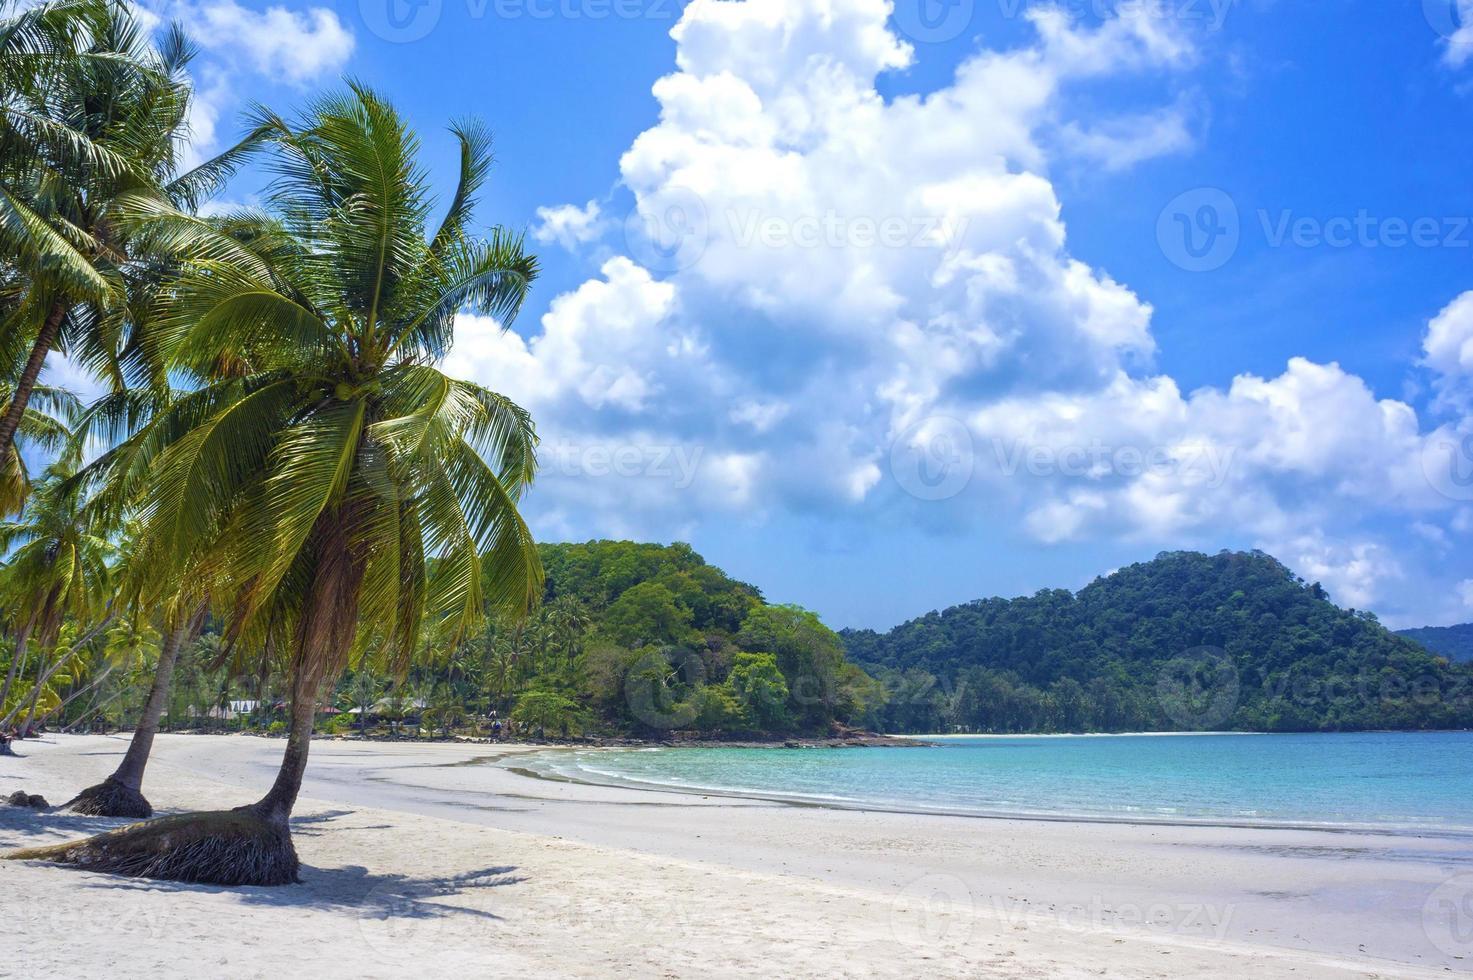 resort tropical com lagoa verde e palmeira foto